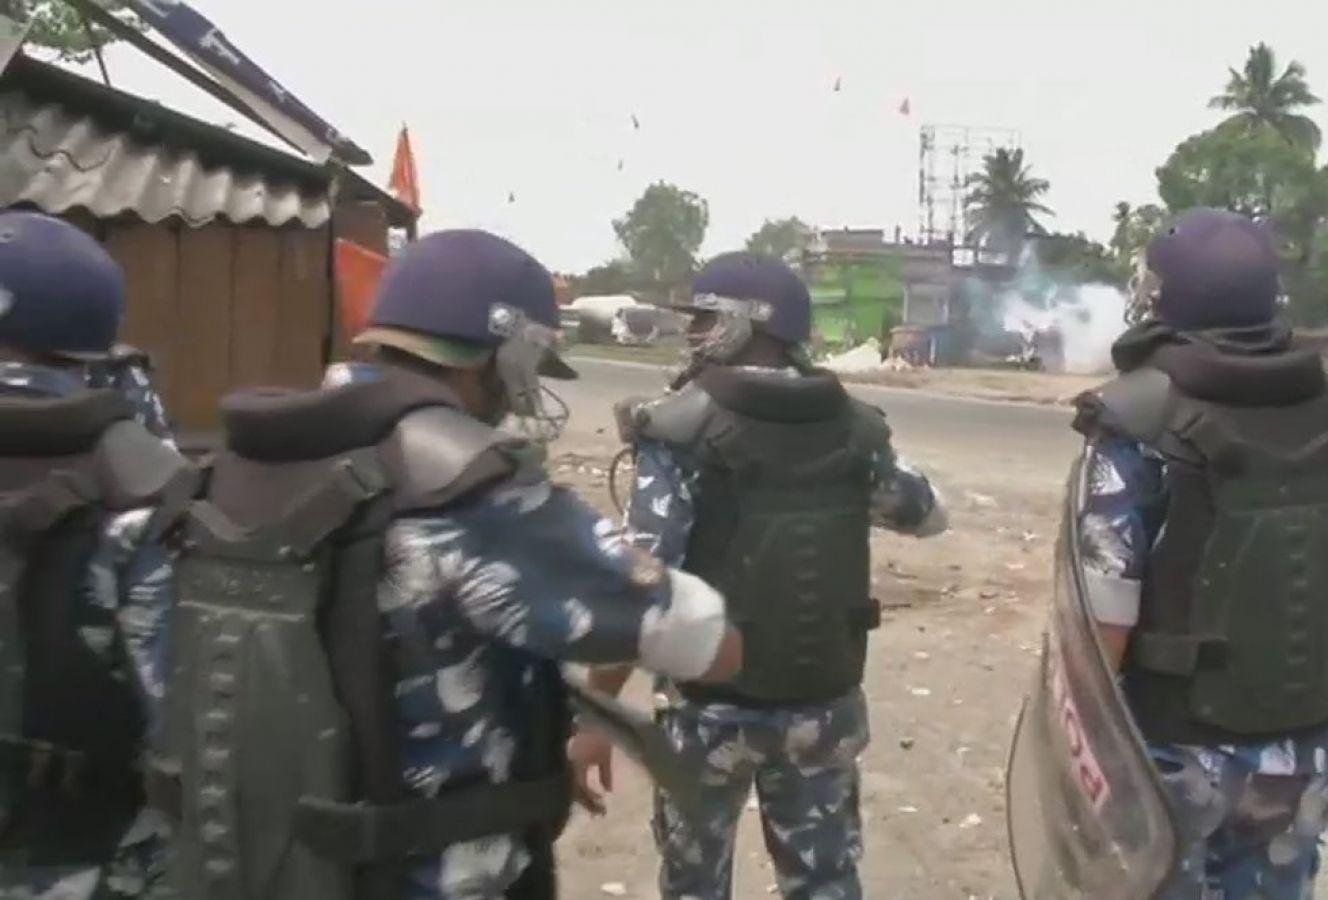 पश्चिम बंगाल में मतदान के दौरान हिंसा, भाजपा ने लगाया बूथ लूटने का आरोप